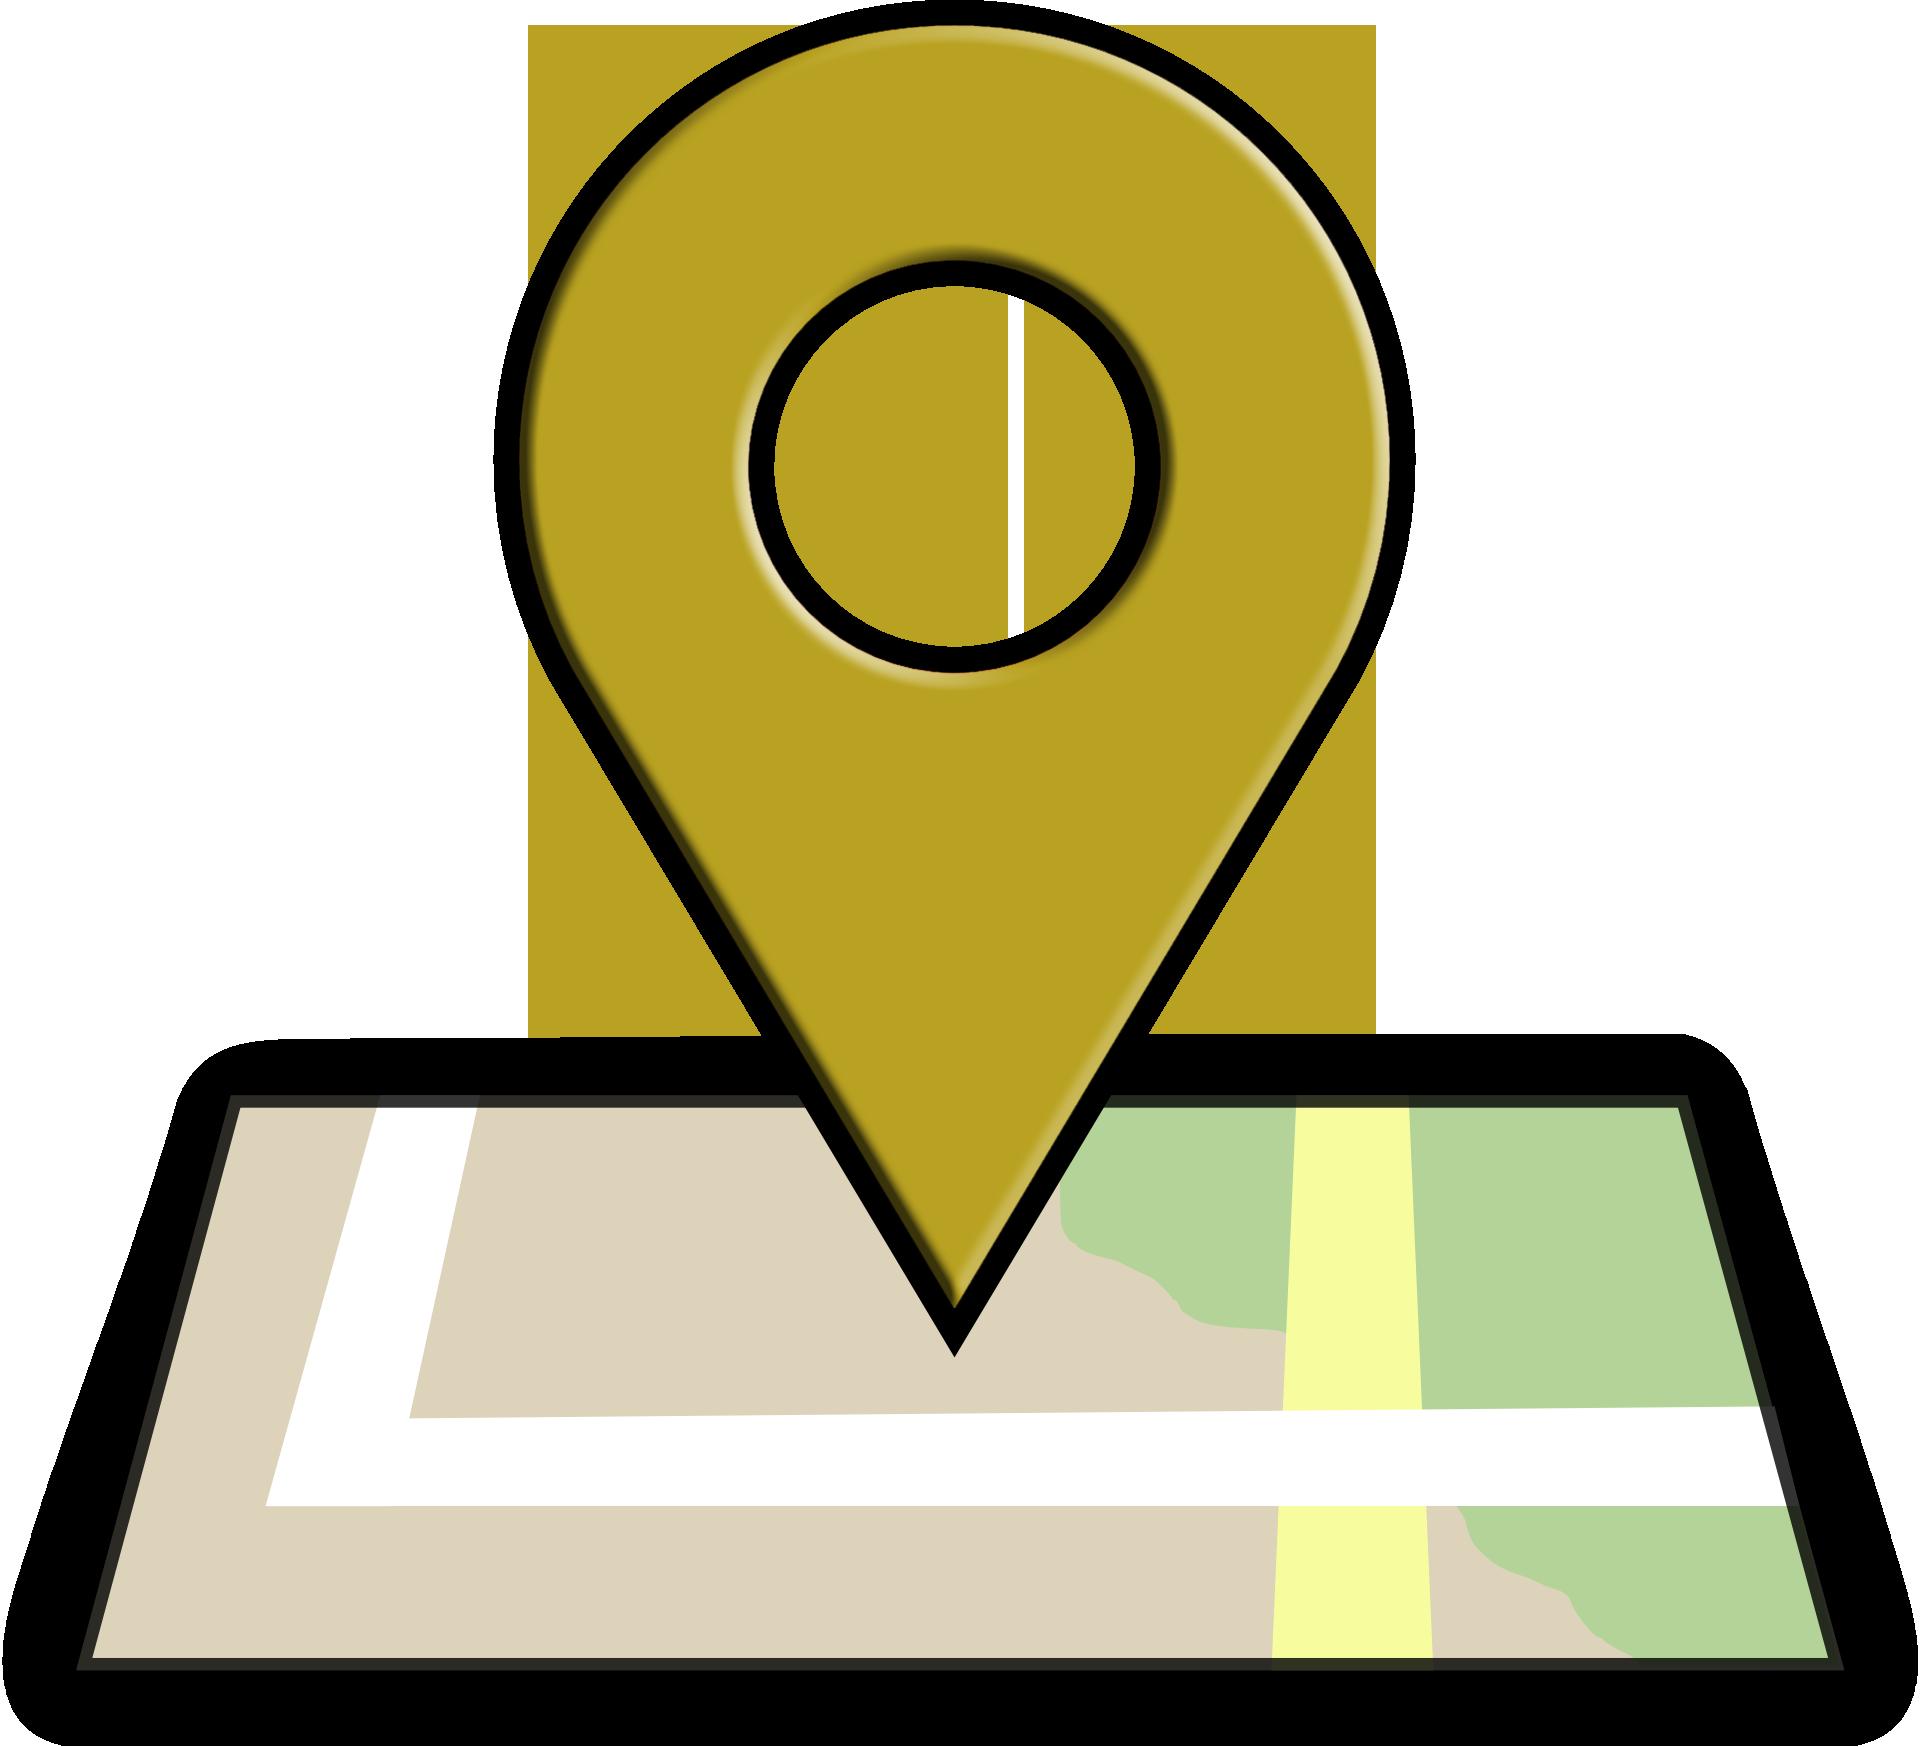 PUNTATORE MAPS